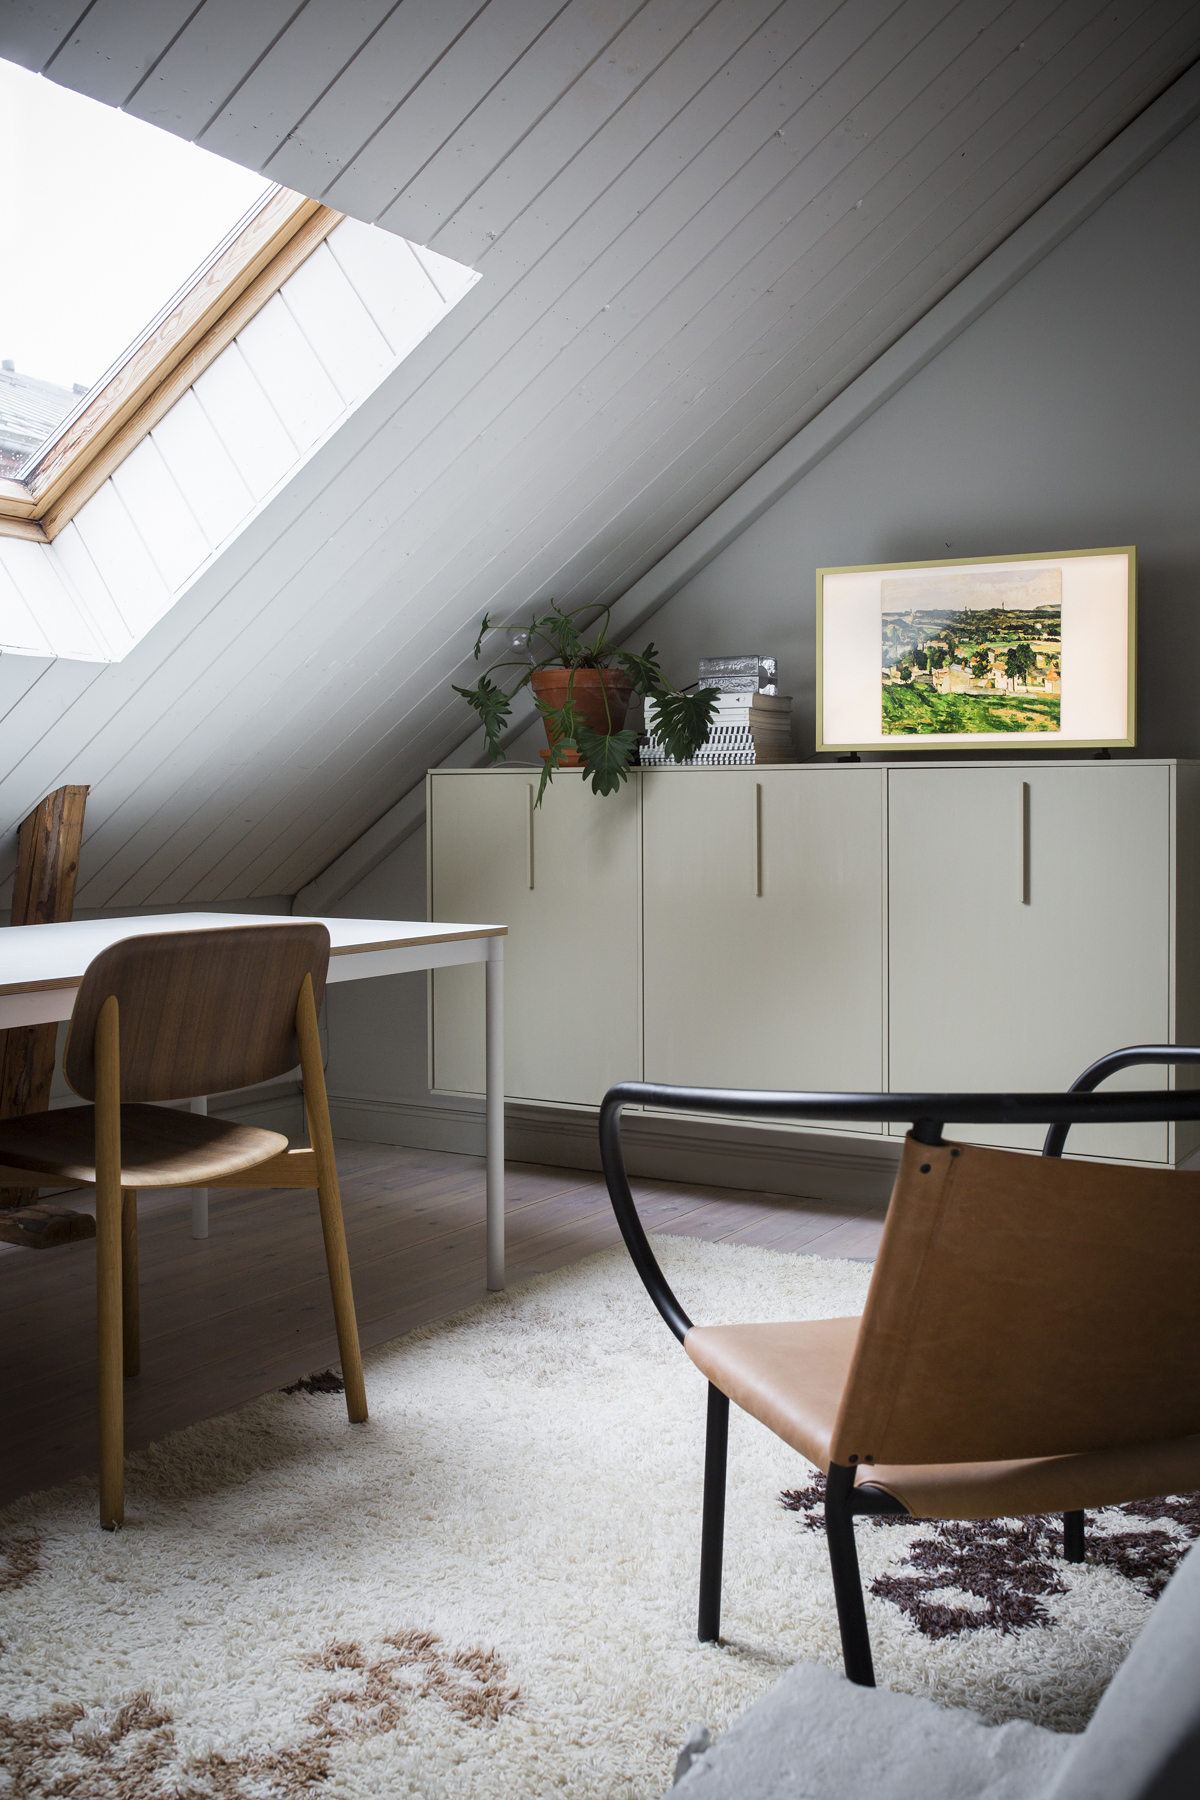 Cézannea omassa olohuoneessa – Missing Masterpieces -näyttely tuo kadonneet teokset kaikkien nähtäville